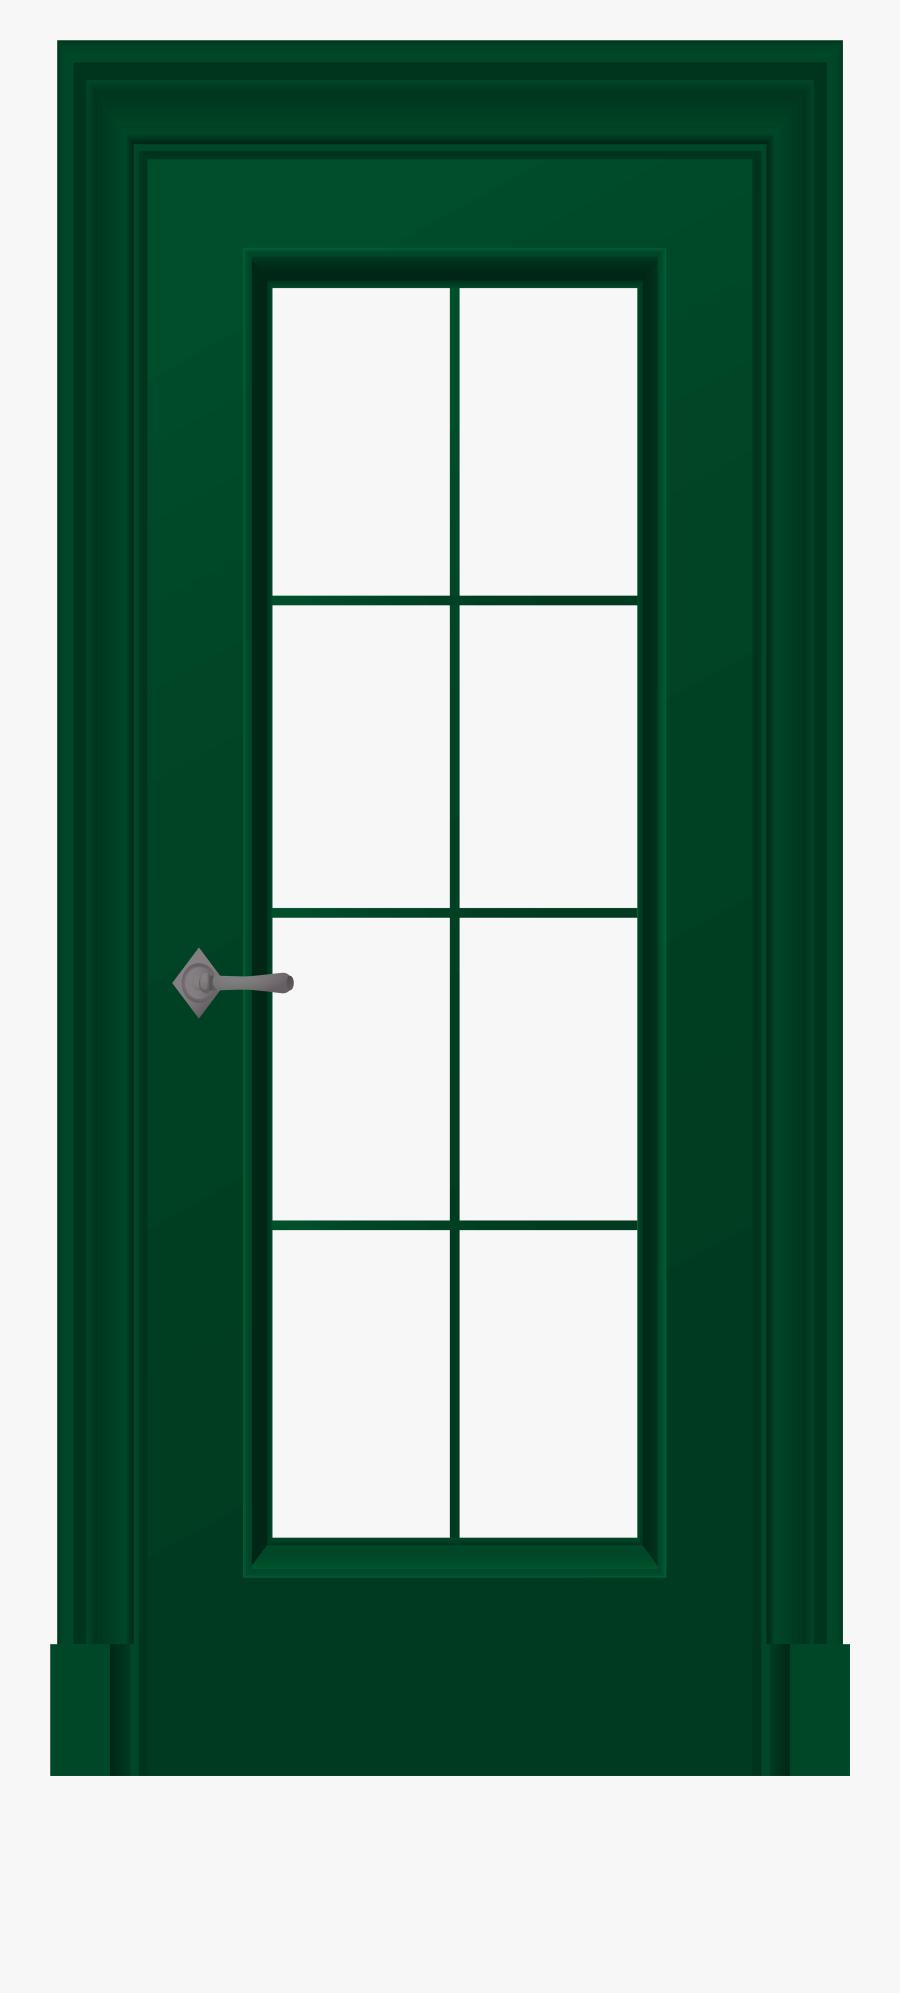 Green Door Png Clip Art - Door And Window Clip, Transparent Clipart